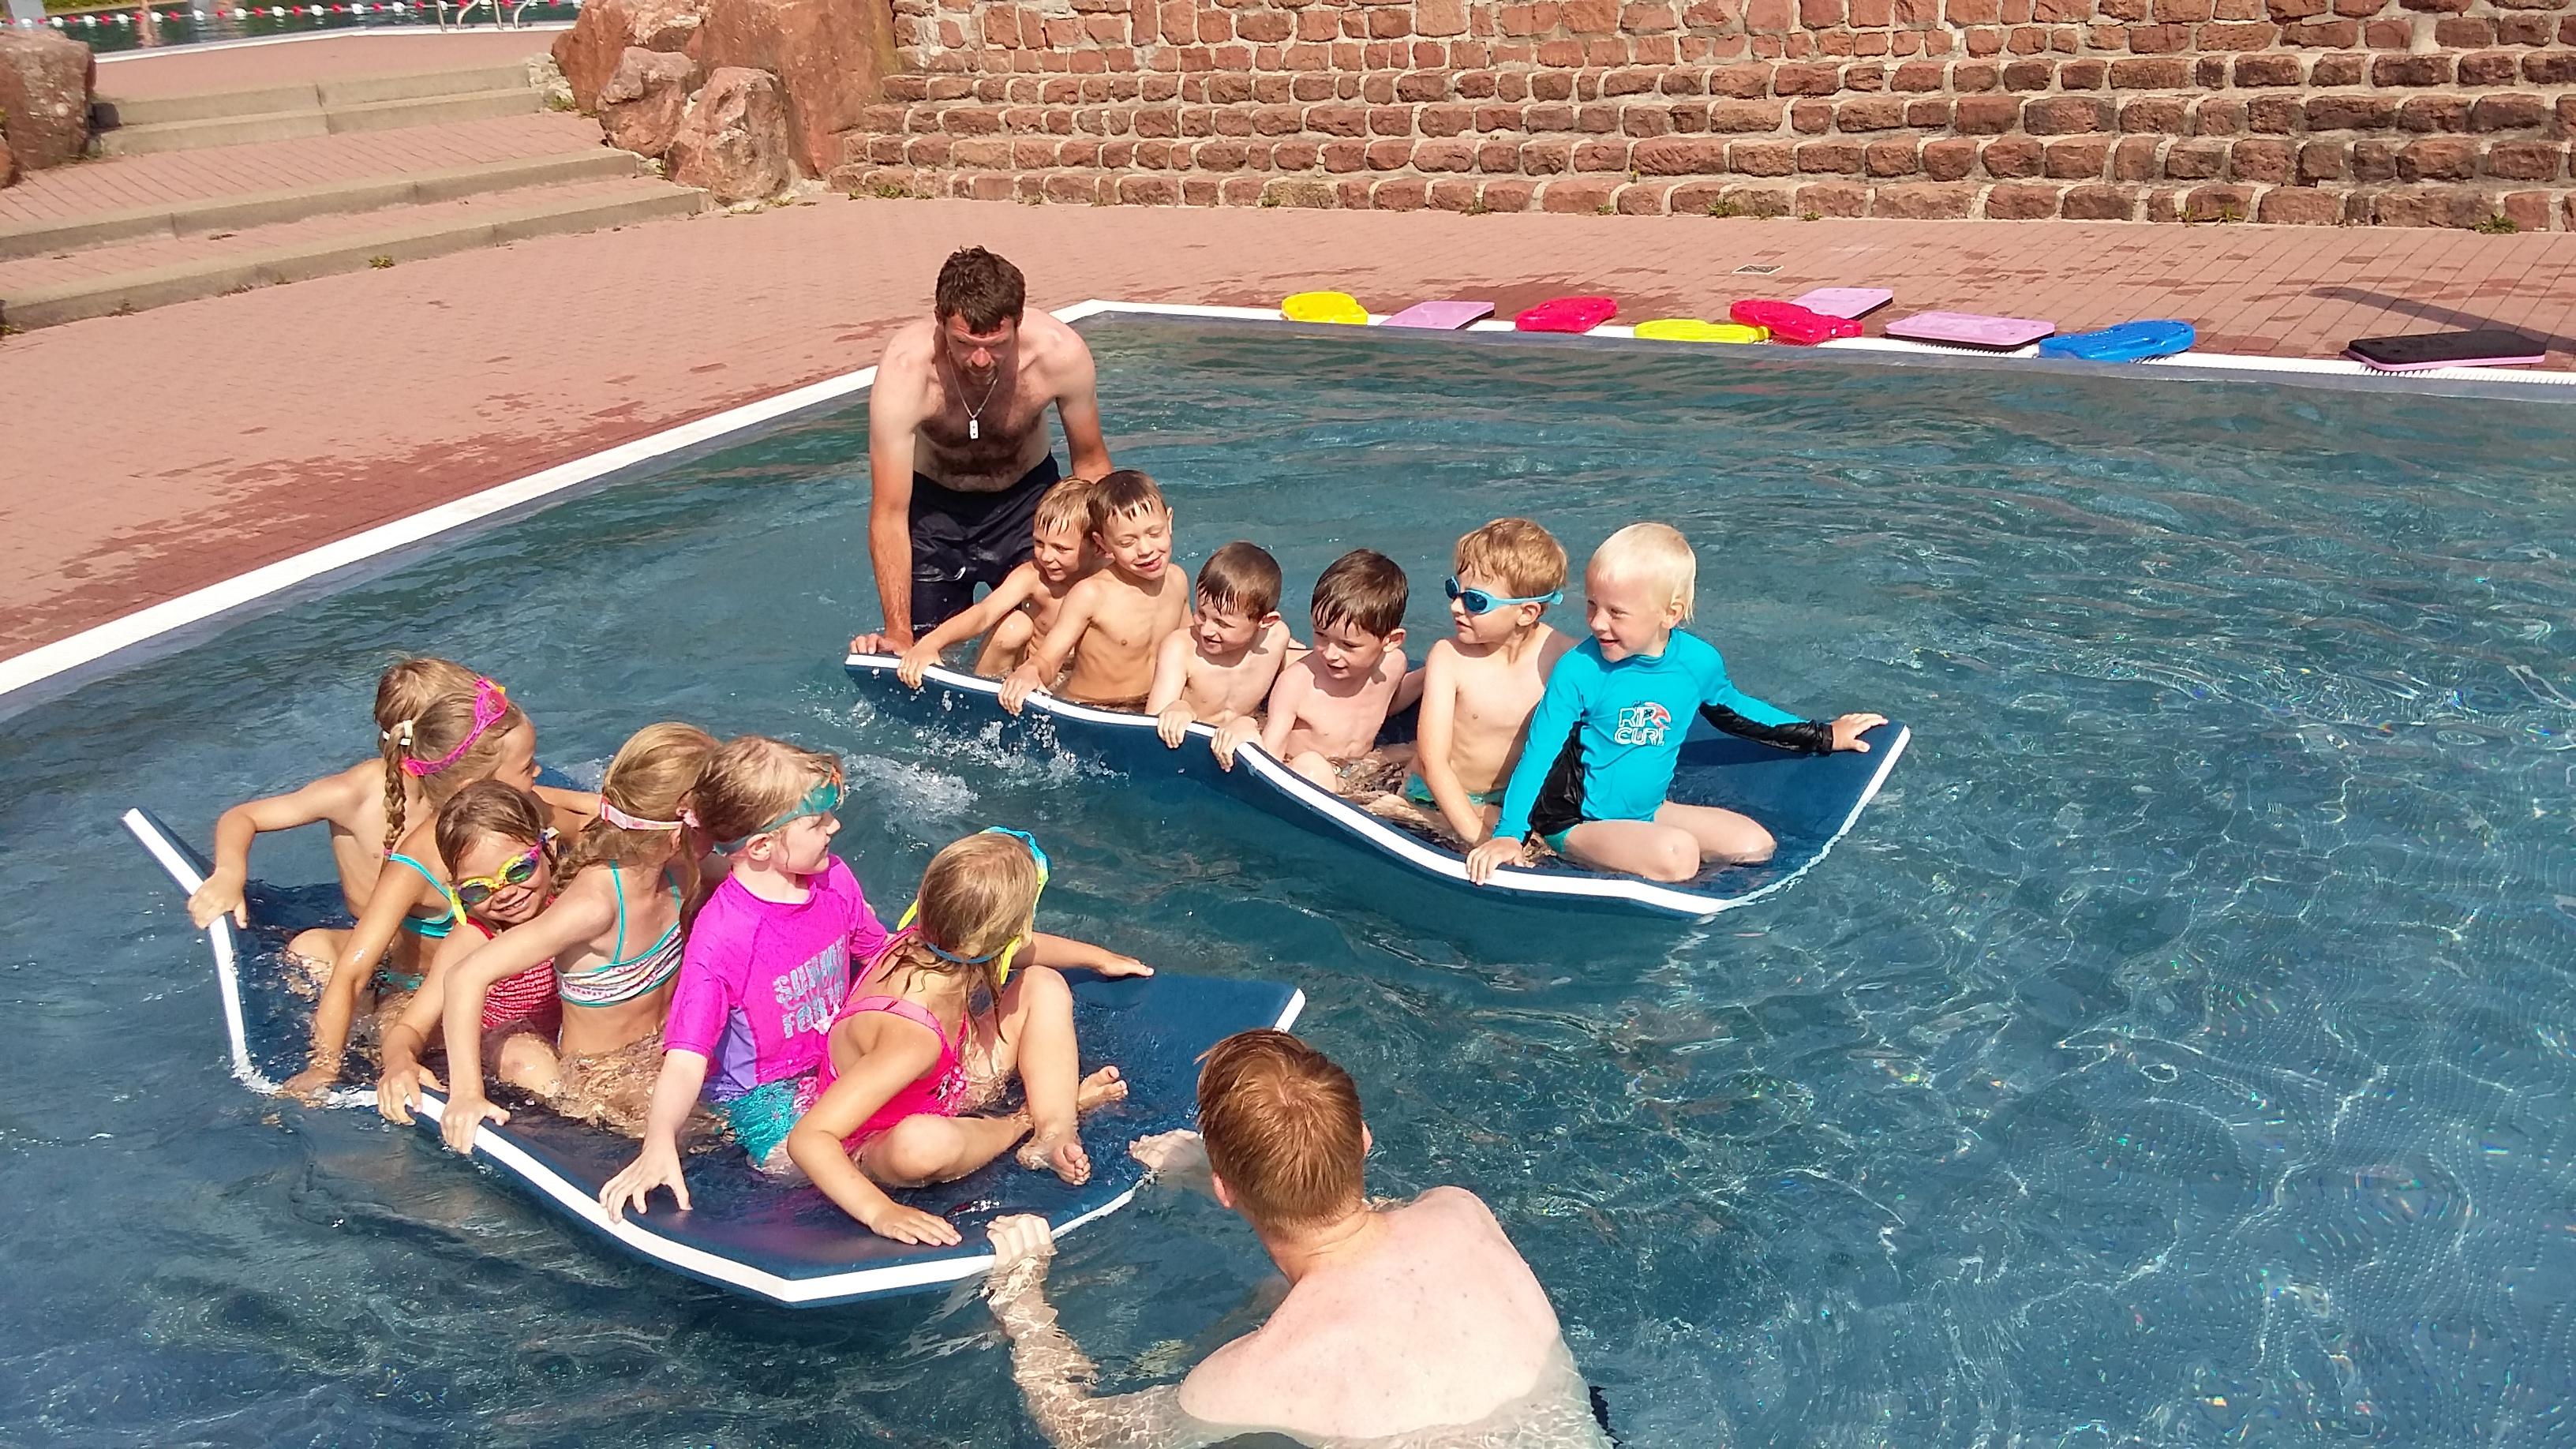 ... Ins Schwimmbad Und Wurden überrascht Von Den Tollen Spielen Und  Wettbewerben Des 2. SPIELENACH MITTAGS. Ob Wasserspiele, über  Kunststoffmatten Laufen, ...